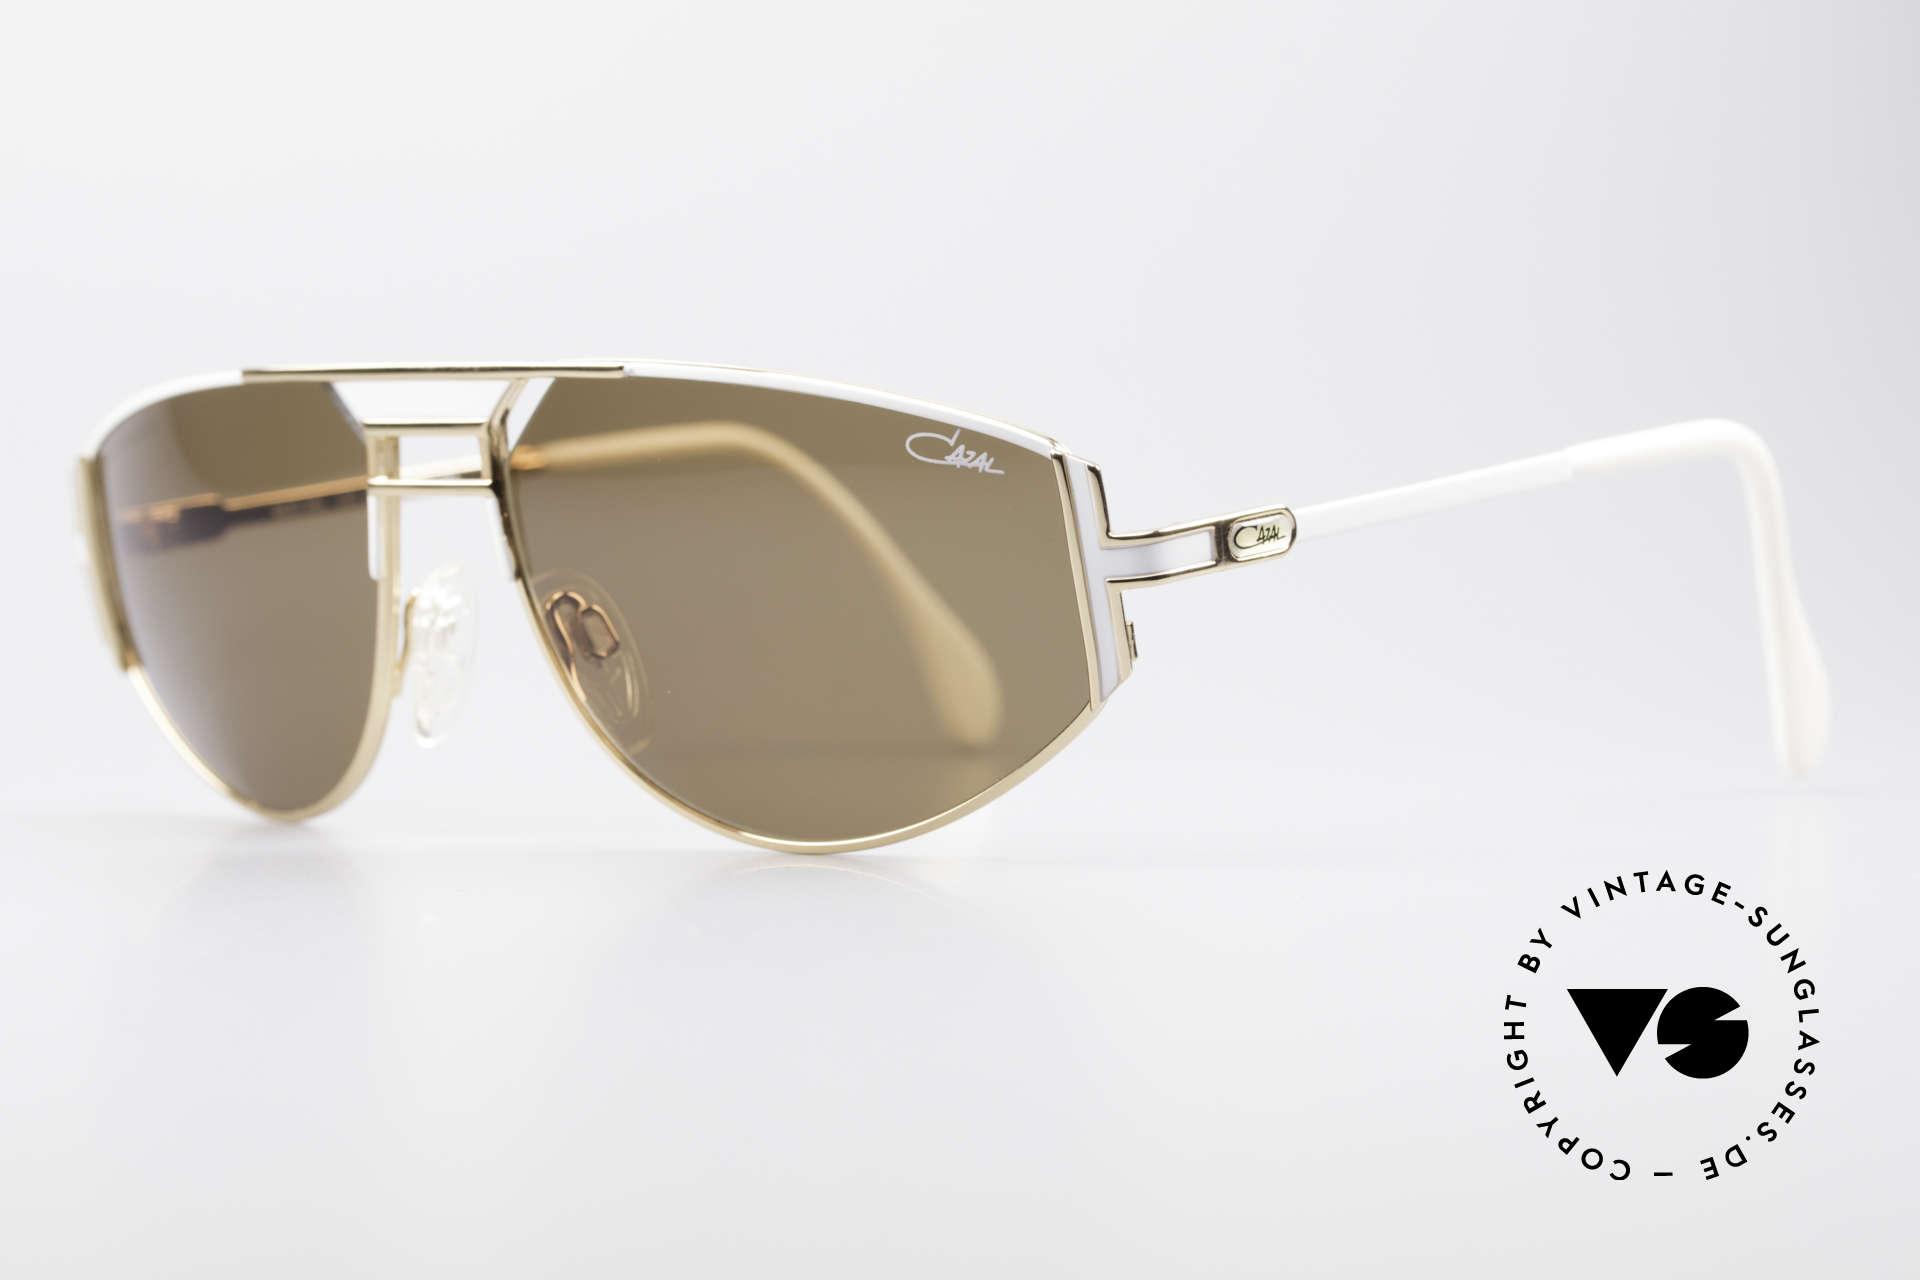 Cazal 964 Echte Vintage Sonnenbrille, großartige Brillen-Kreation von CAri ZALloni (CAZAL), Passend für Herren und Damen